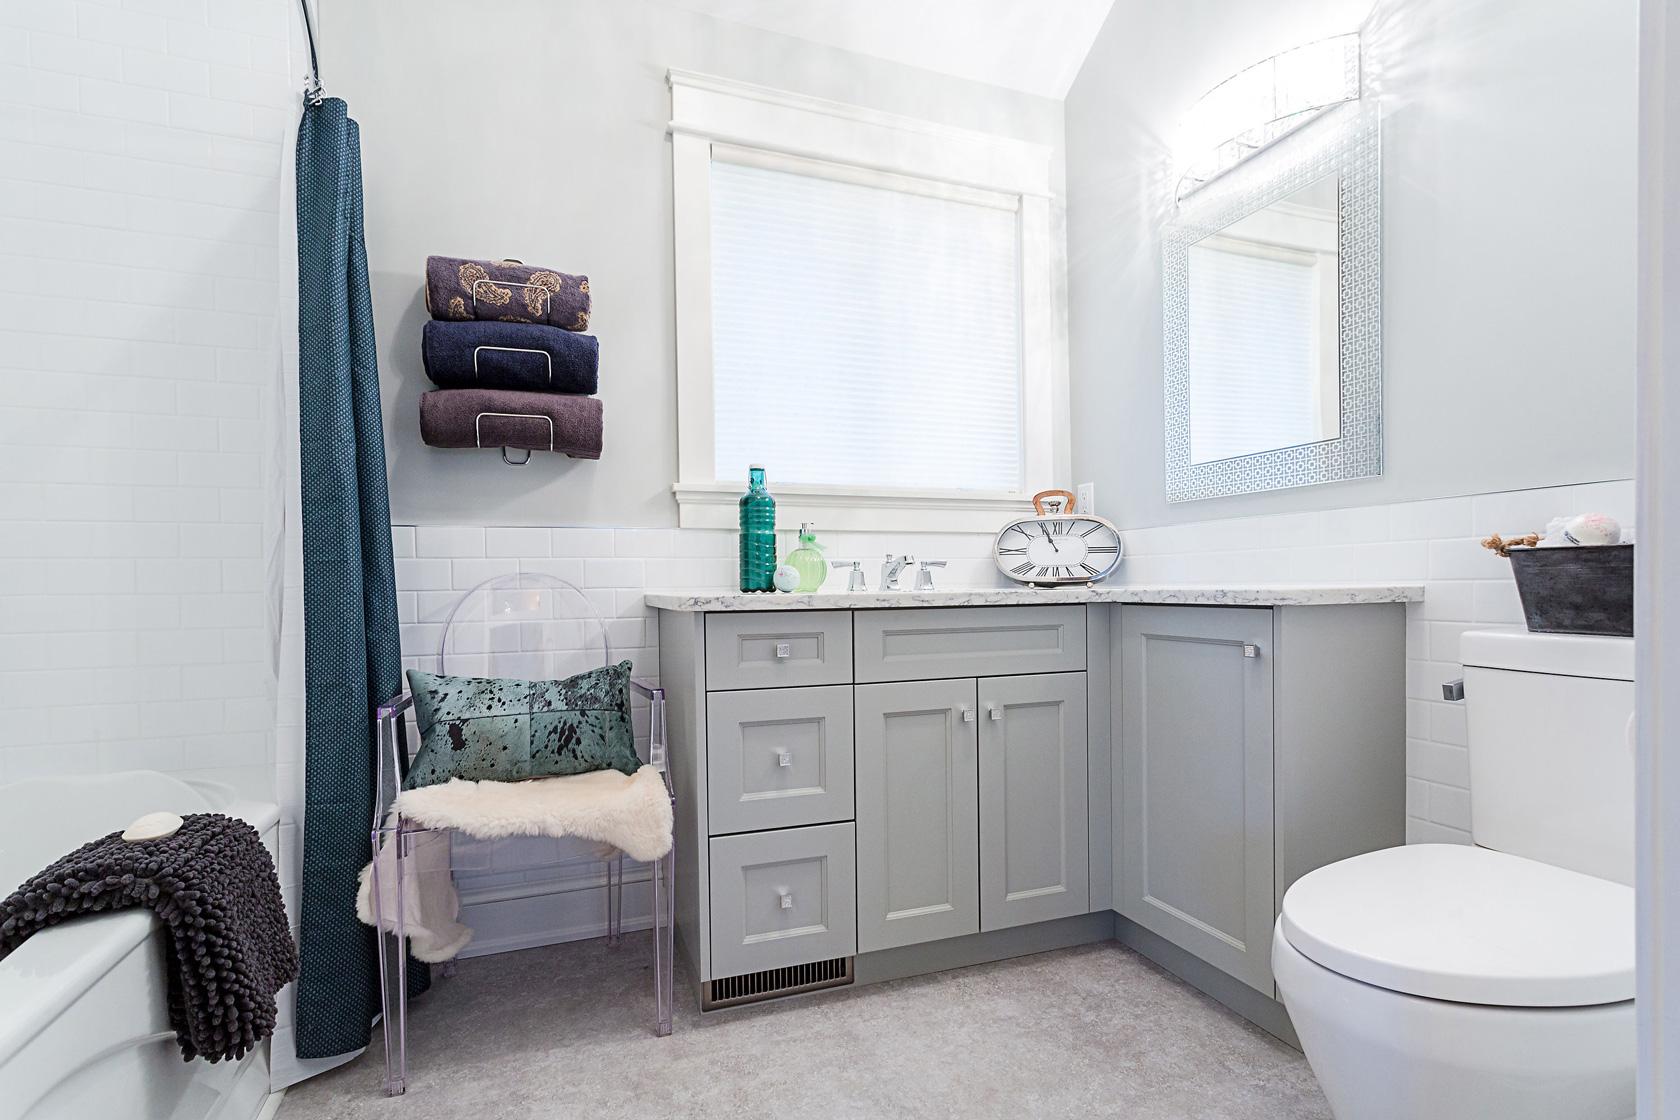 Master Bathroom Vanity, Chair & Toilet